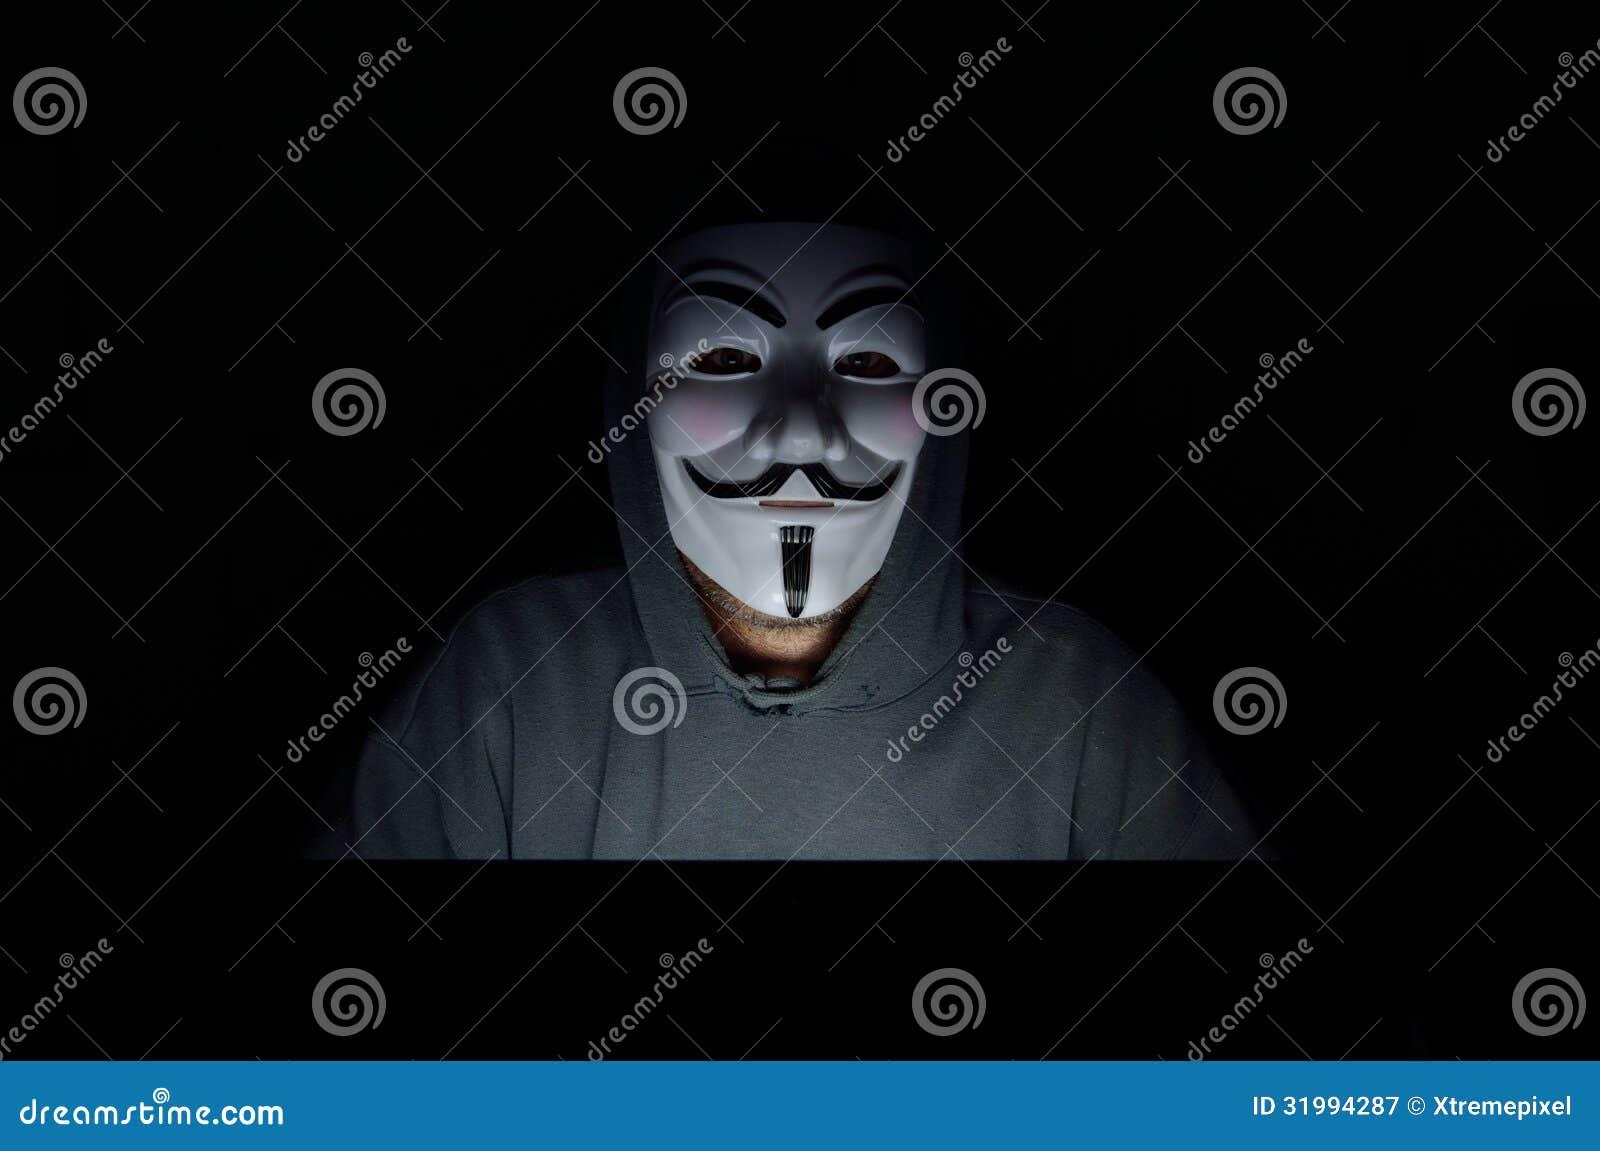 V For Vendetta Mask Vector A hooded computer hack...